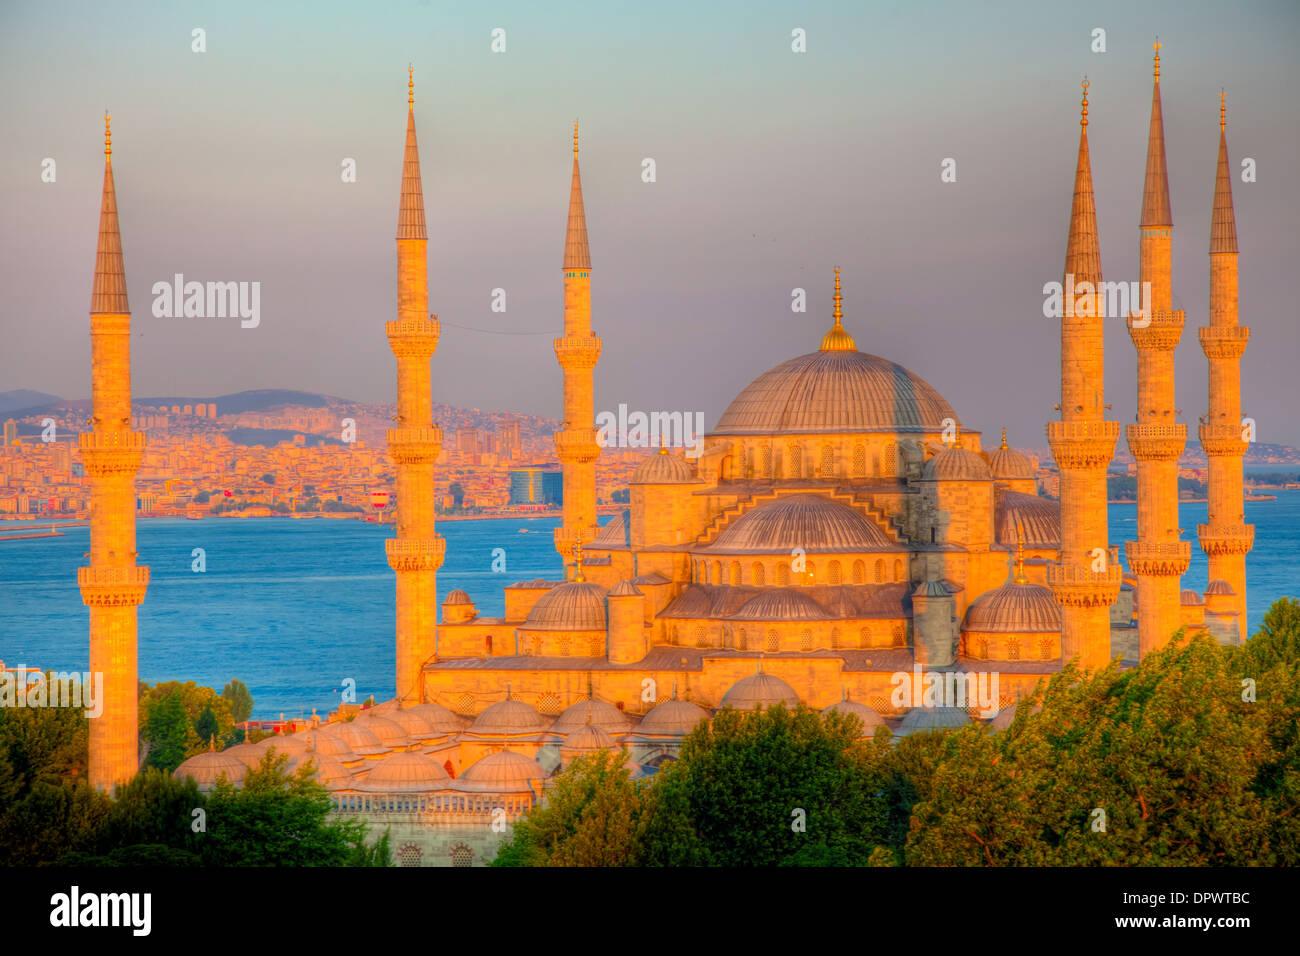 La Mezquita Azul de Estambul, Turquía, construido 1609, Mar Negro cerca del Bósforo, Patrimonio de la Humanidad Imagen De Stock